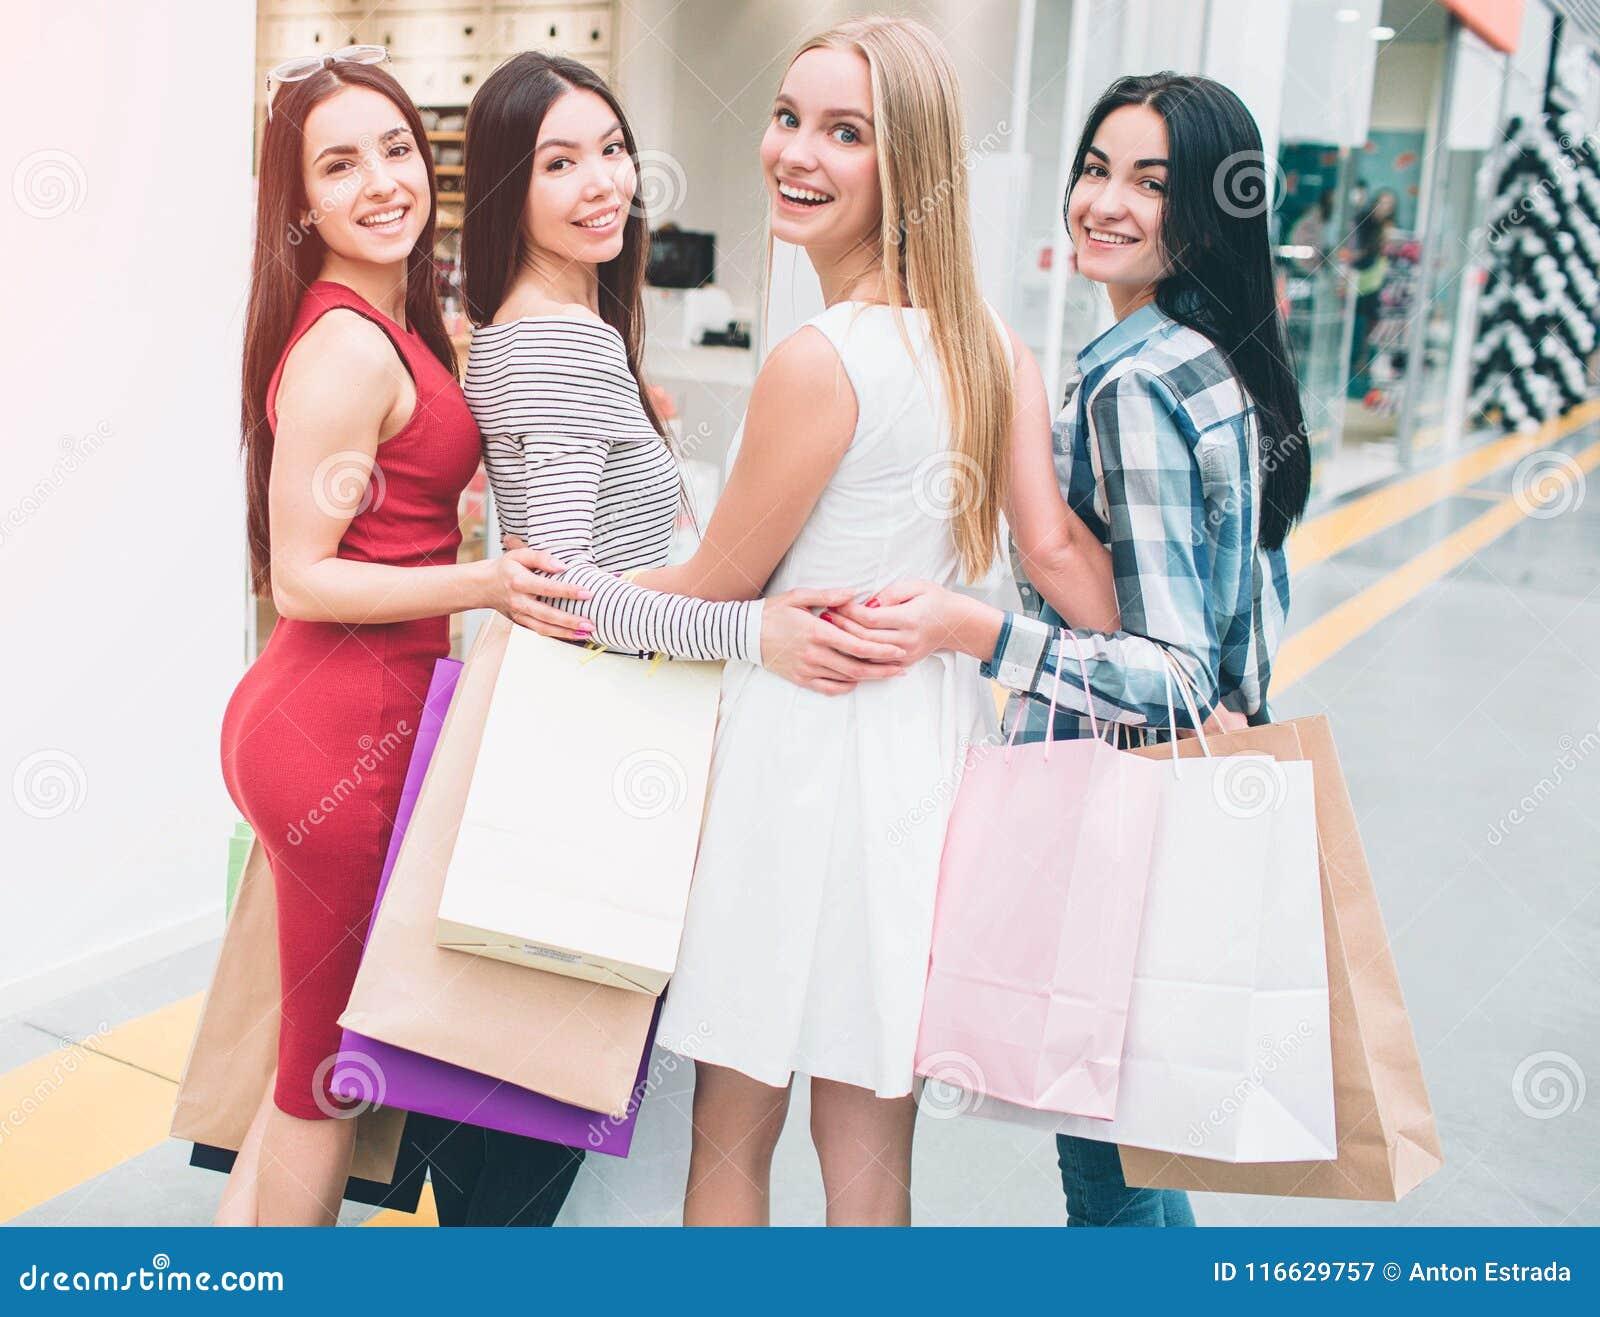 De gelukkige en positieve vrouwen verenigen zich en stellen Zij kijken terug bij camera en het glimlachen Ook hebben zij